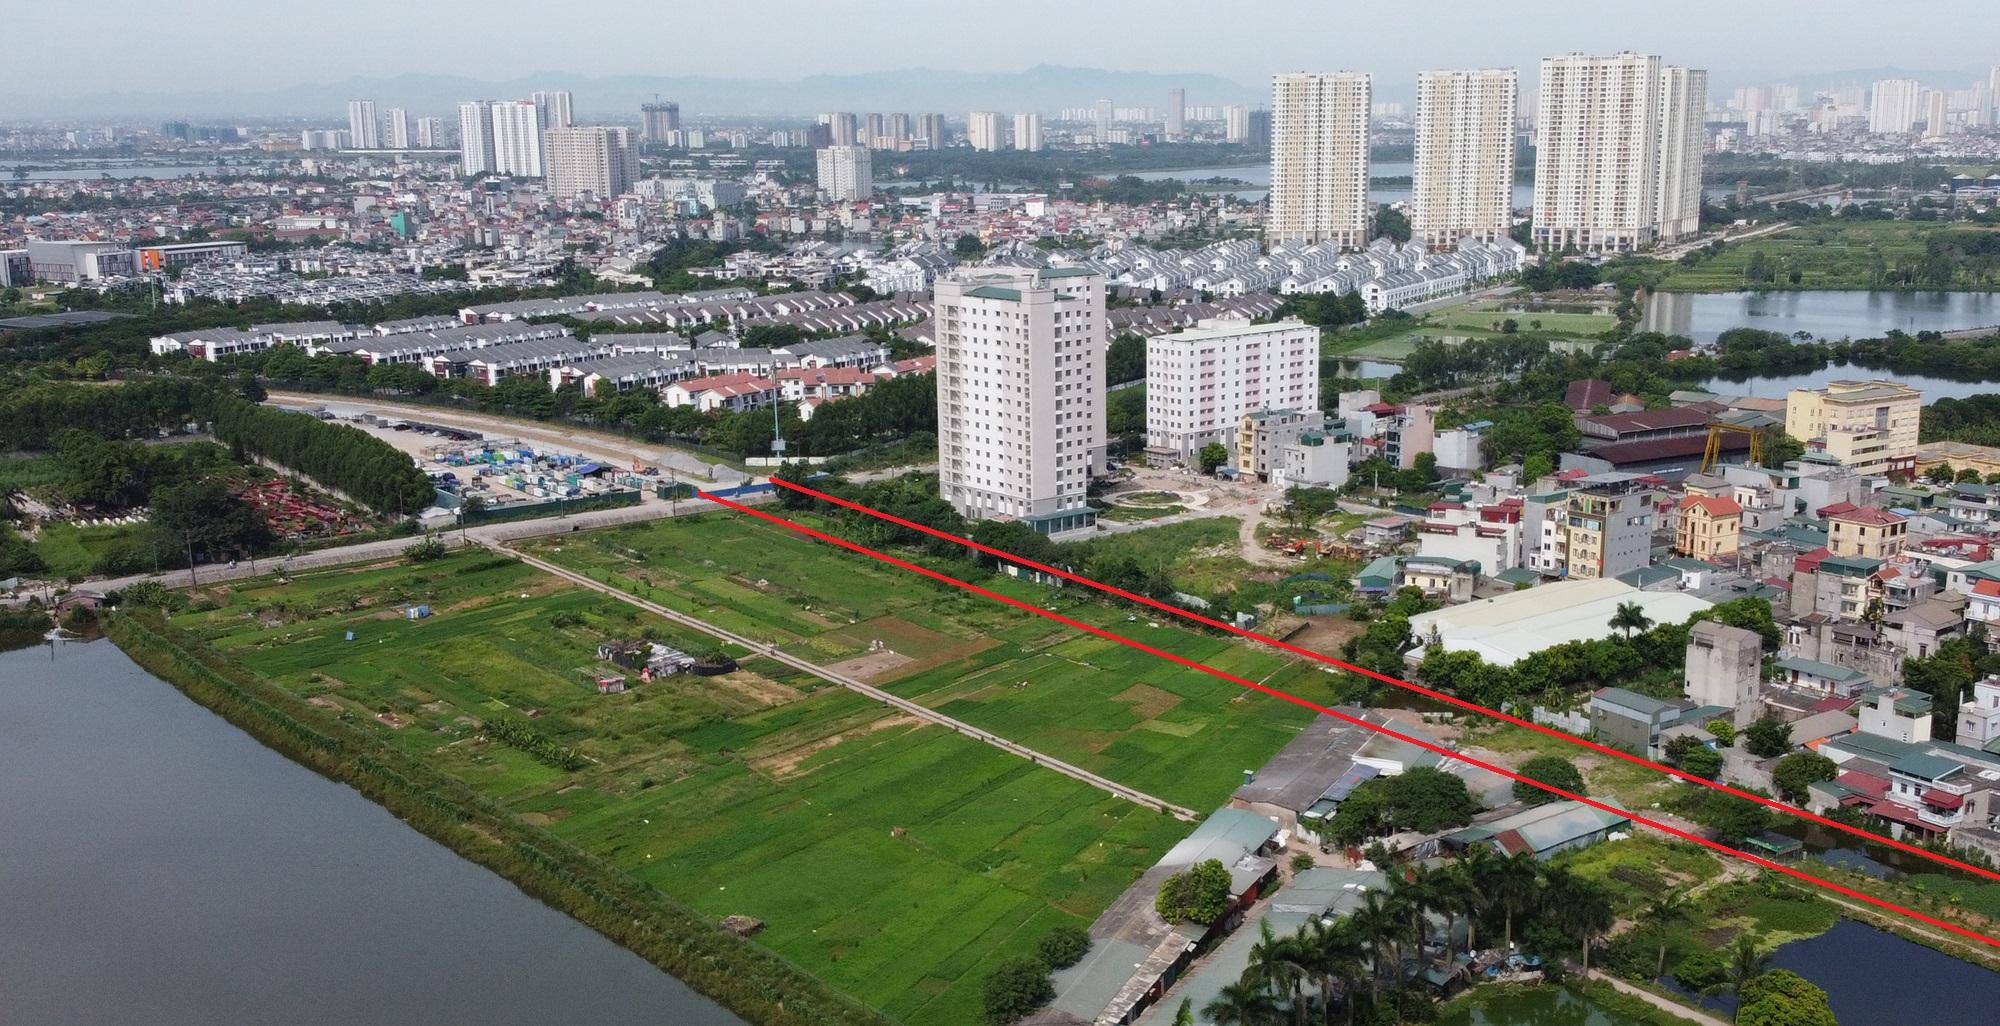 đường sẽ mở theo qui hoạch ở phường Trần Phú, Hoàng Mai, Hà Nội - Ảnh 4.